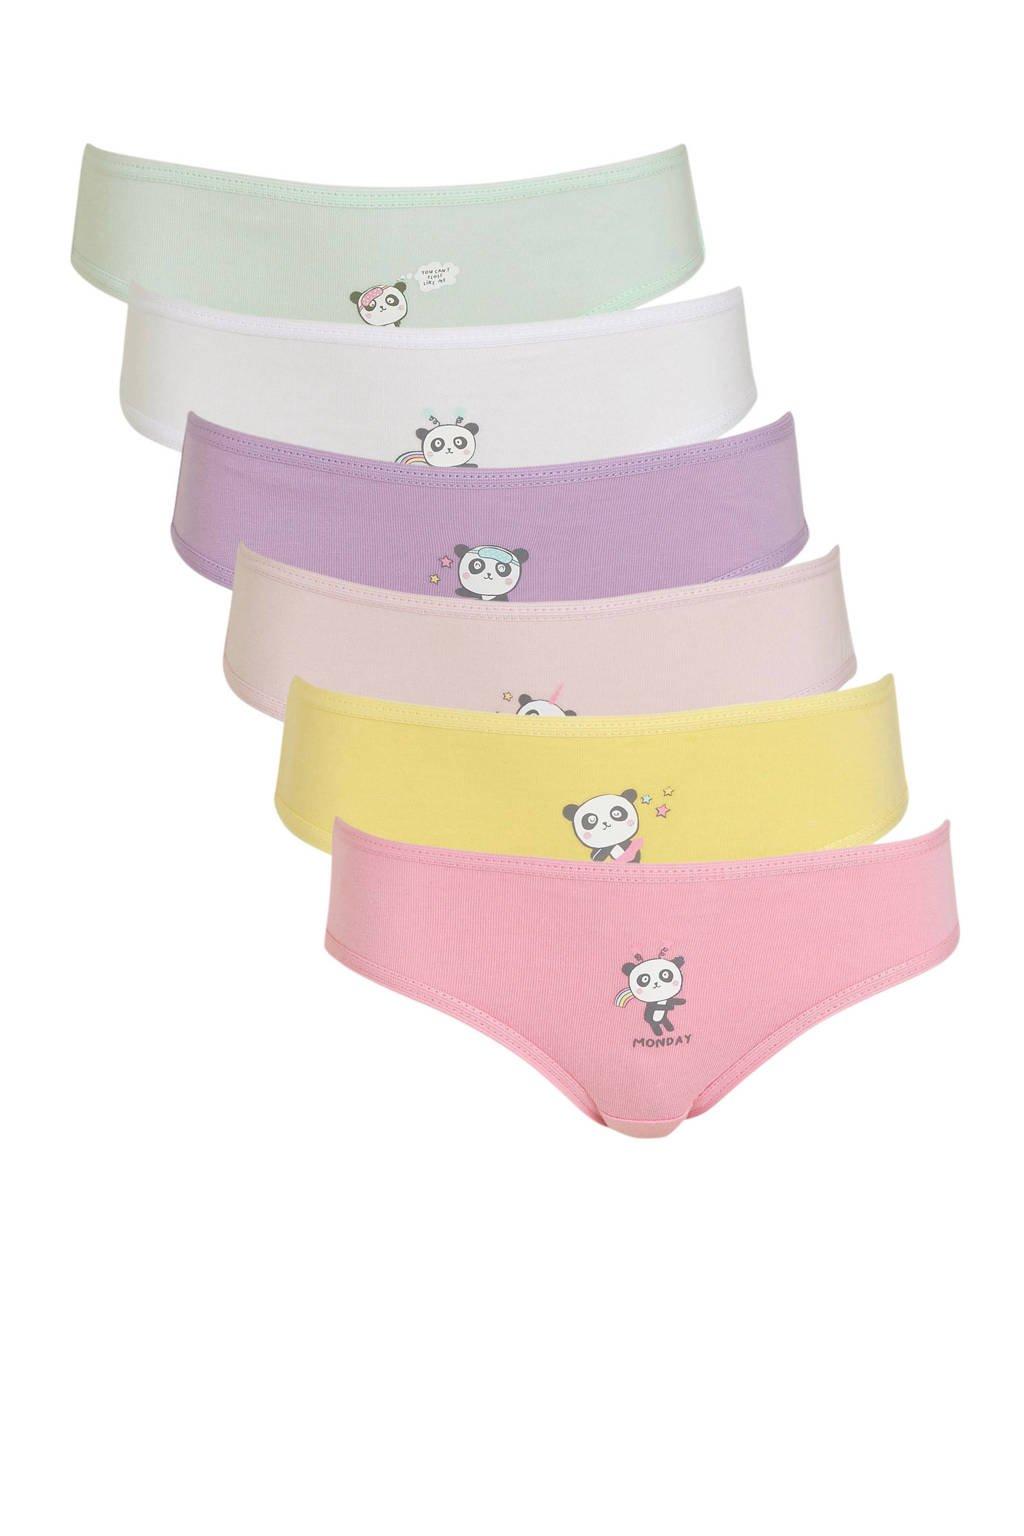 C&A Palomino short met printopdruk - set van 6 roze/paars/groen, Roze/paars/groen